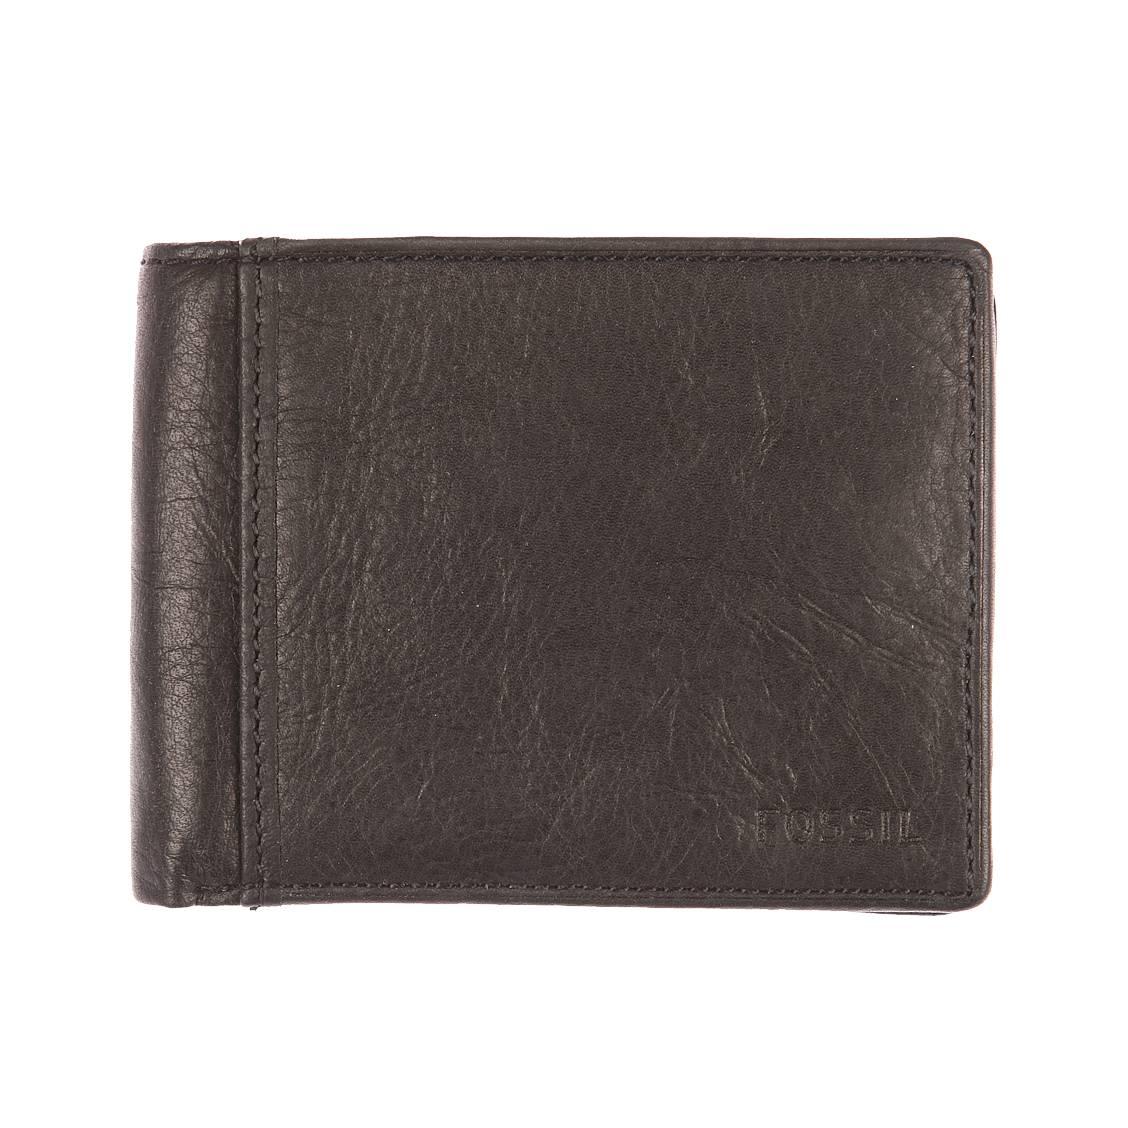 Portefeuille Ingram Fossil en cuir souple noir à 3 volets sA5nR19jf